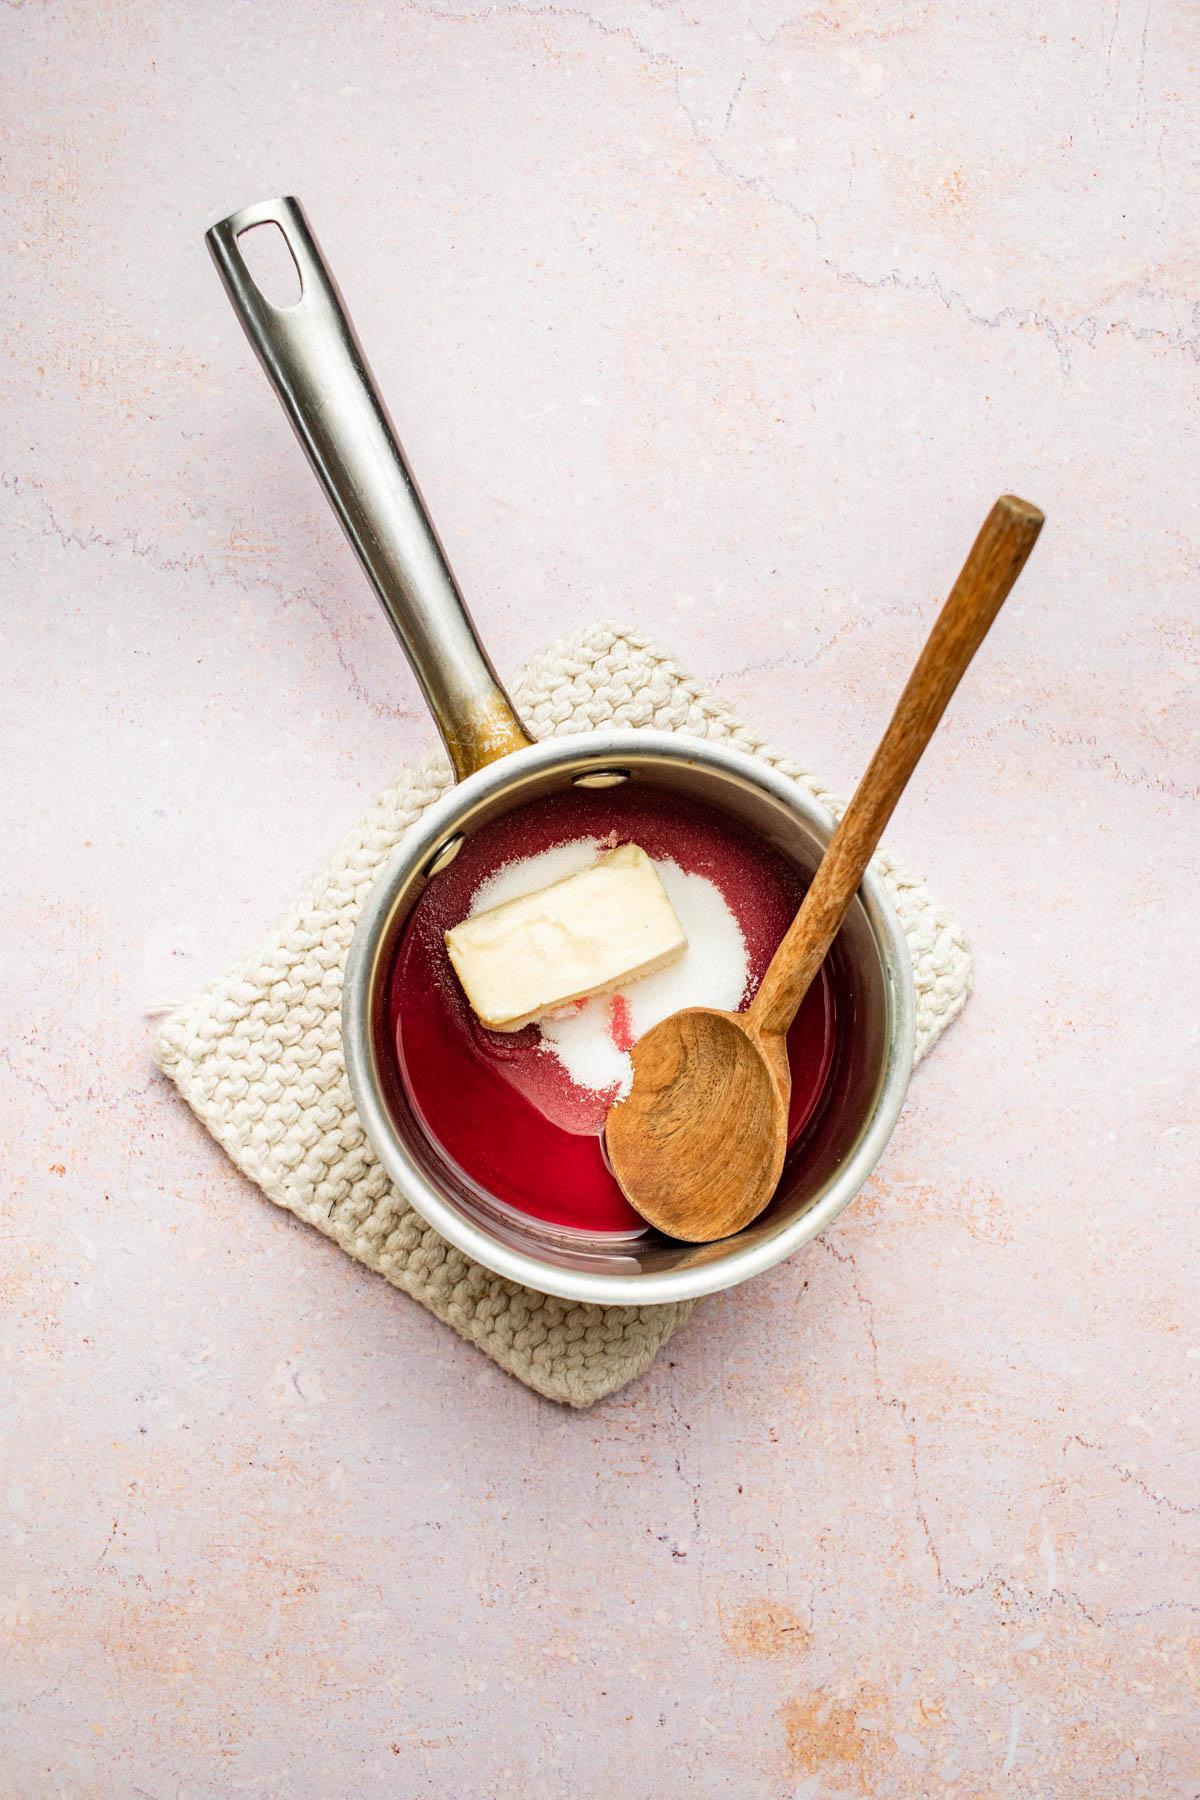 Butter, sugar, and liqueur in a saucepan.